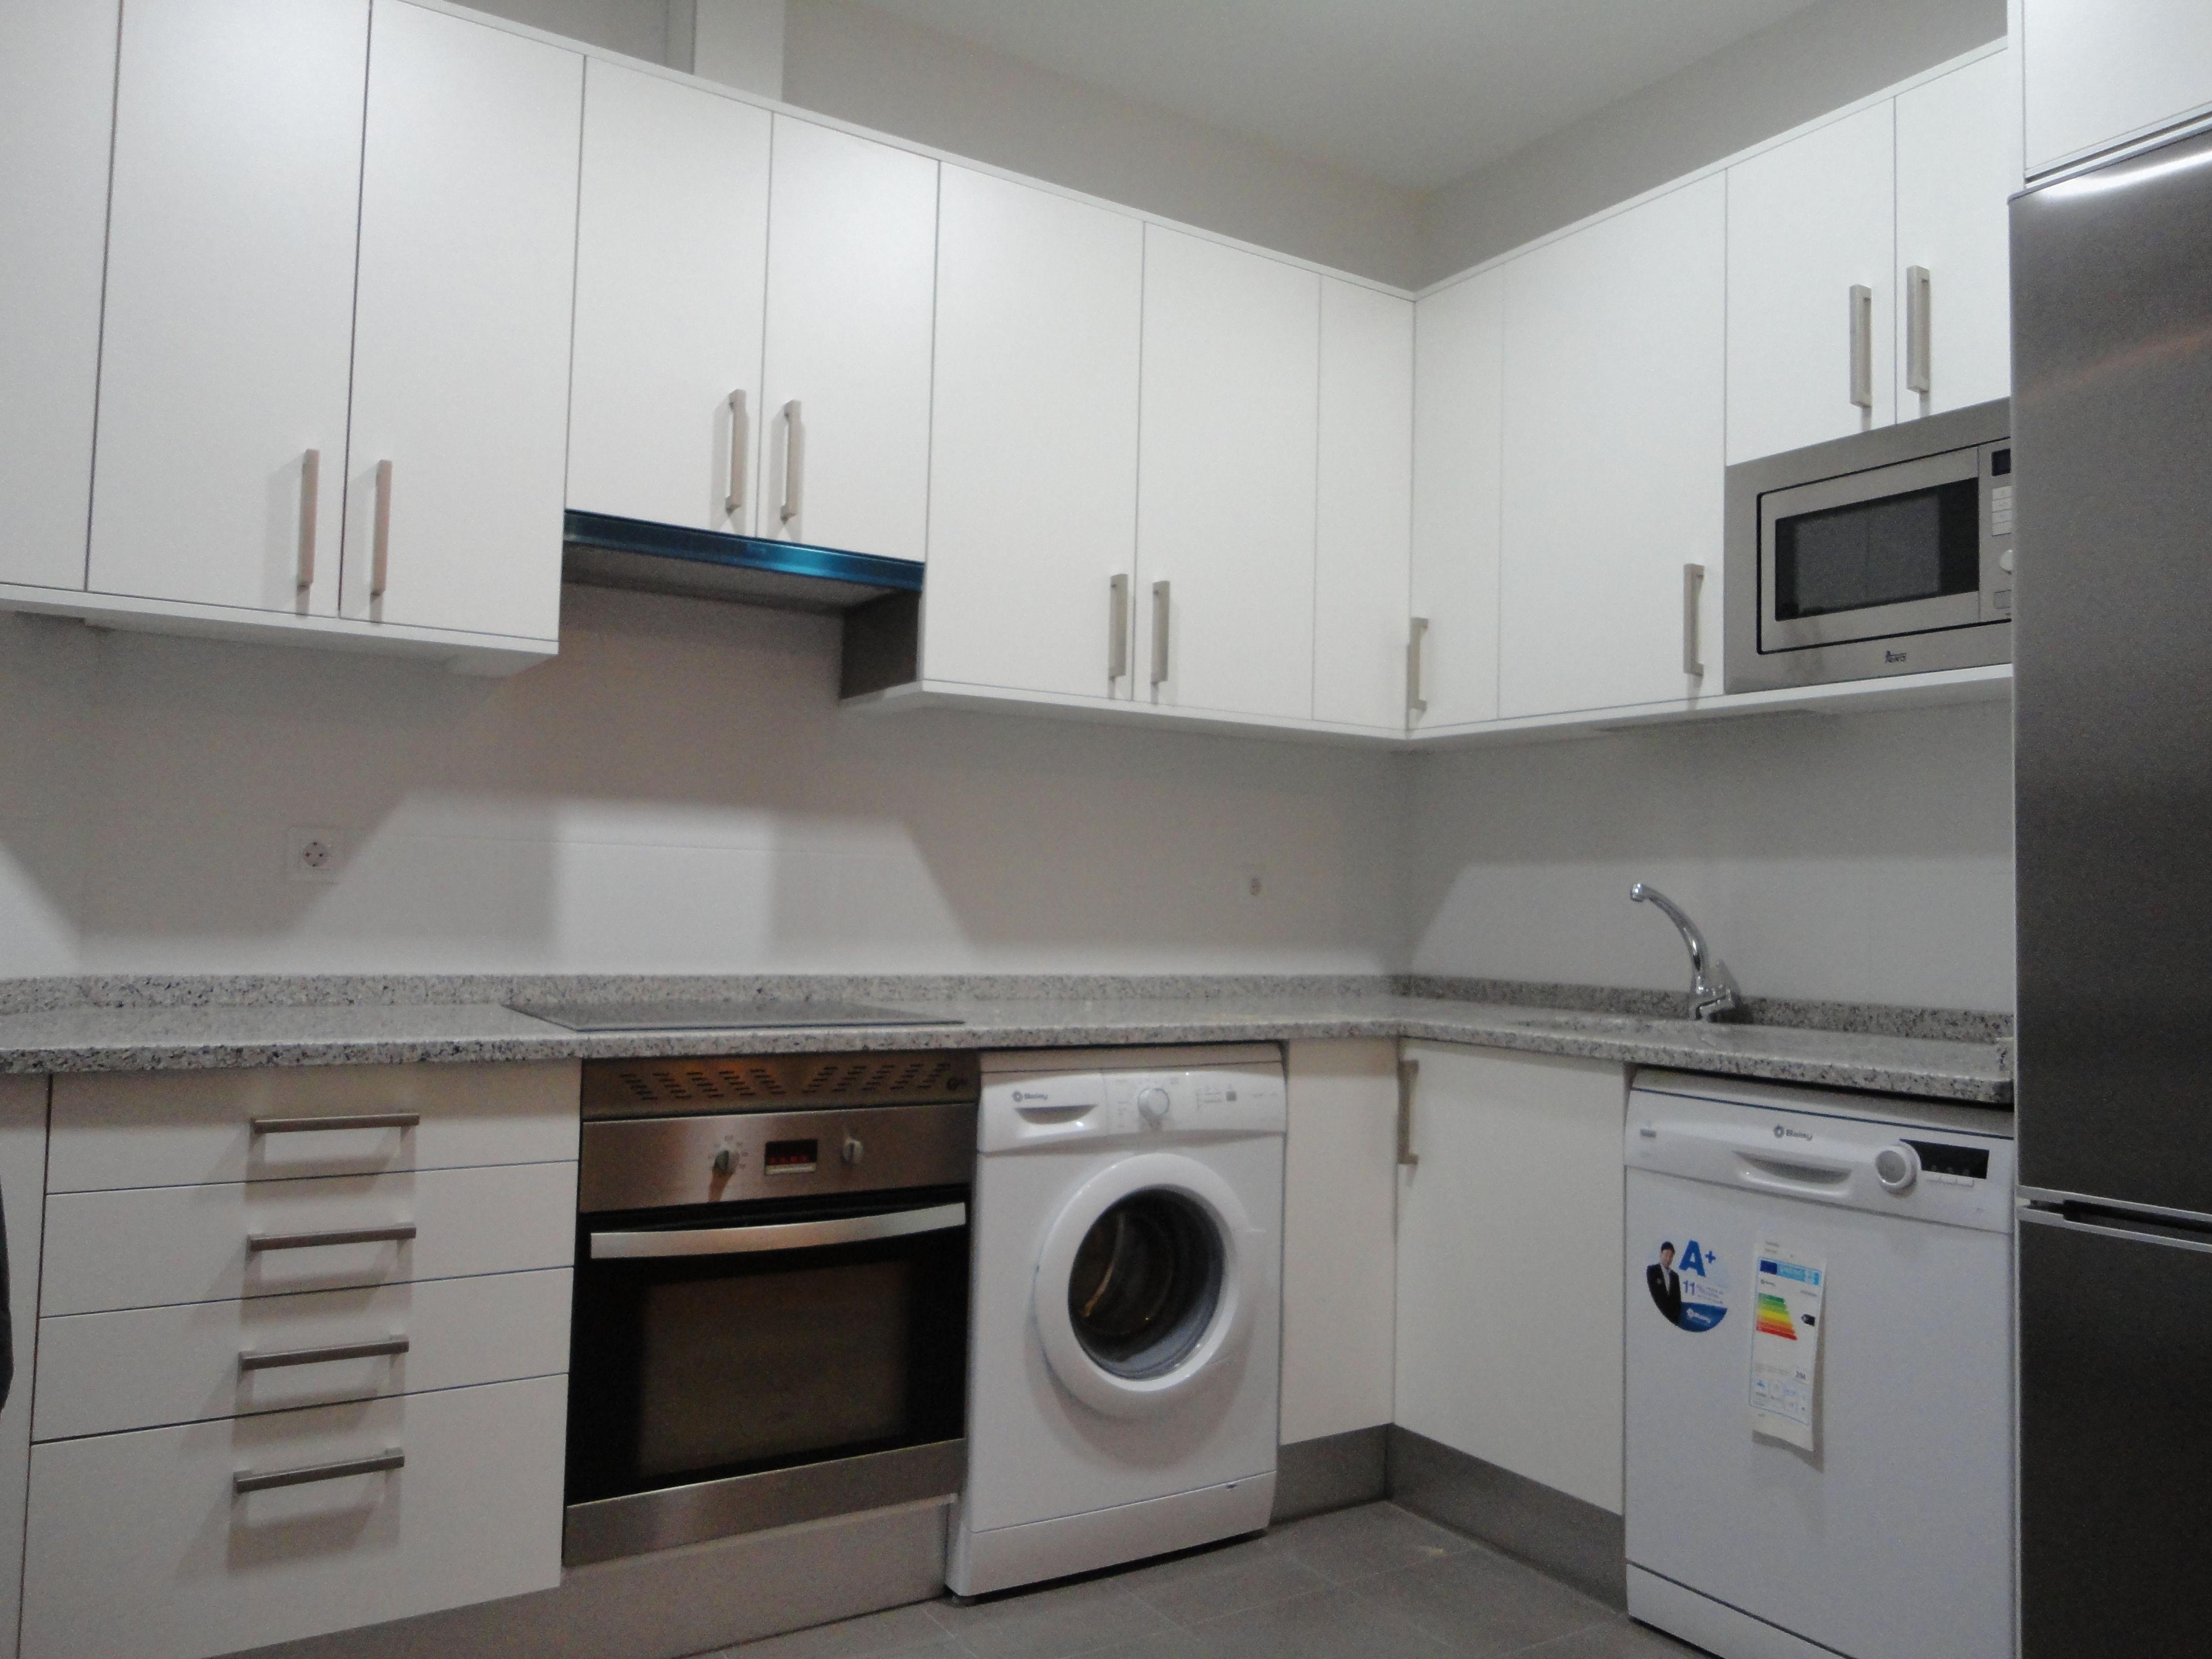 Foto 19 de Muebles de baño y cocina en Madrid | Pascual Electrodomésticos, S.L.